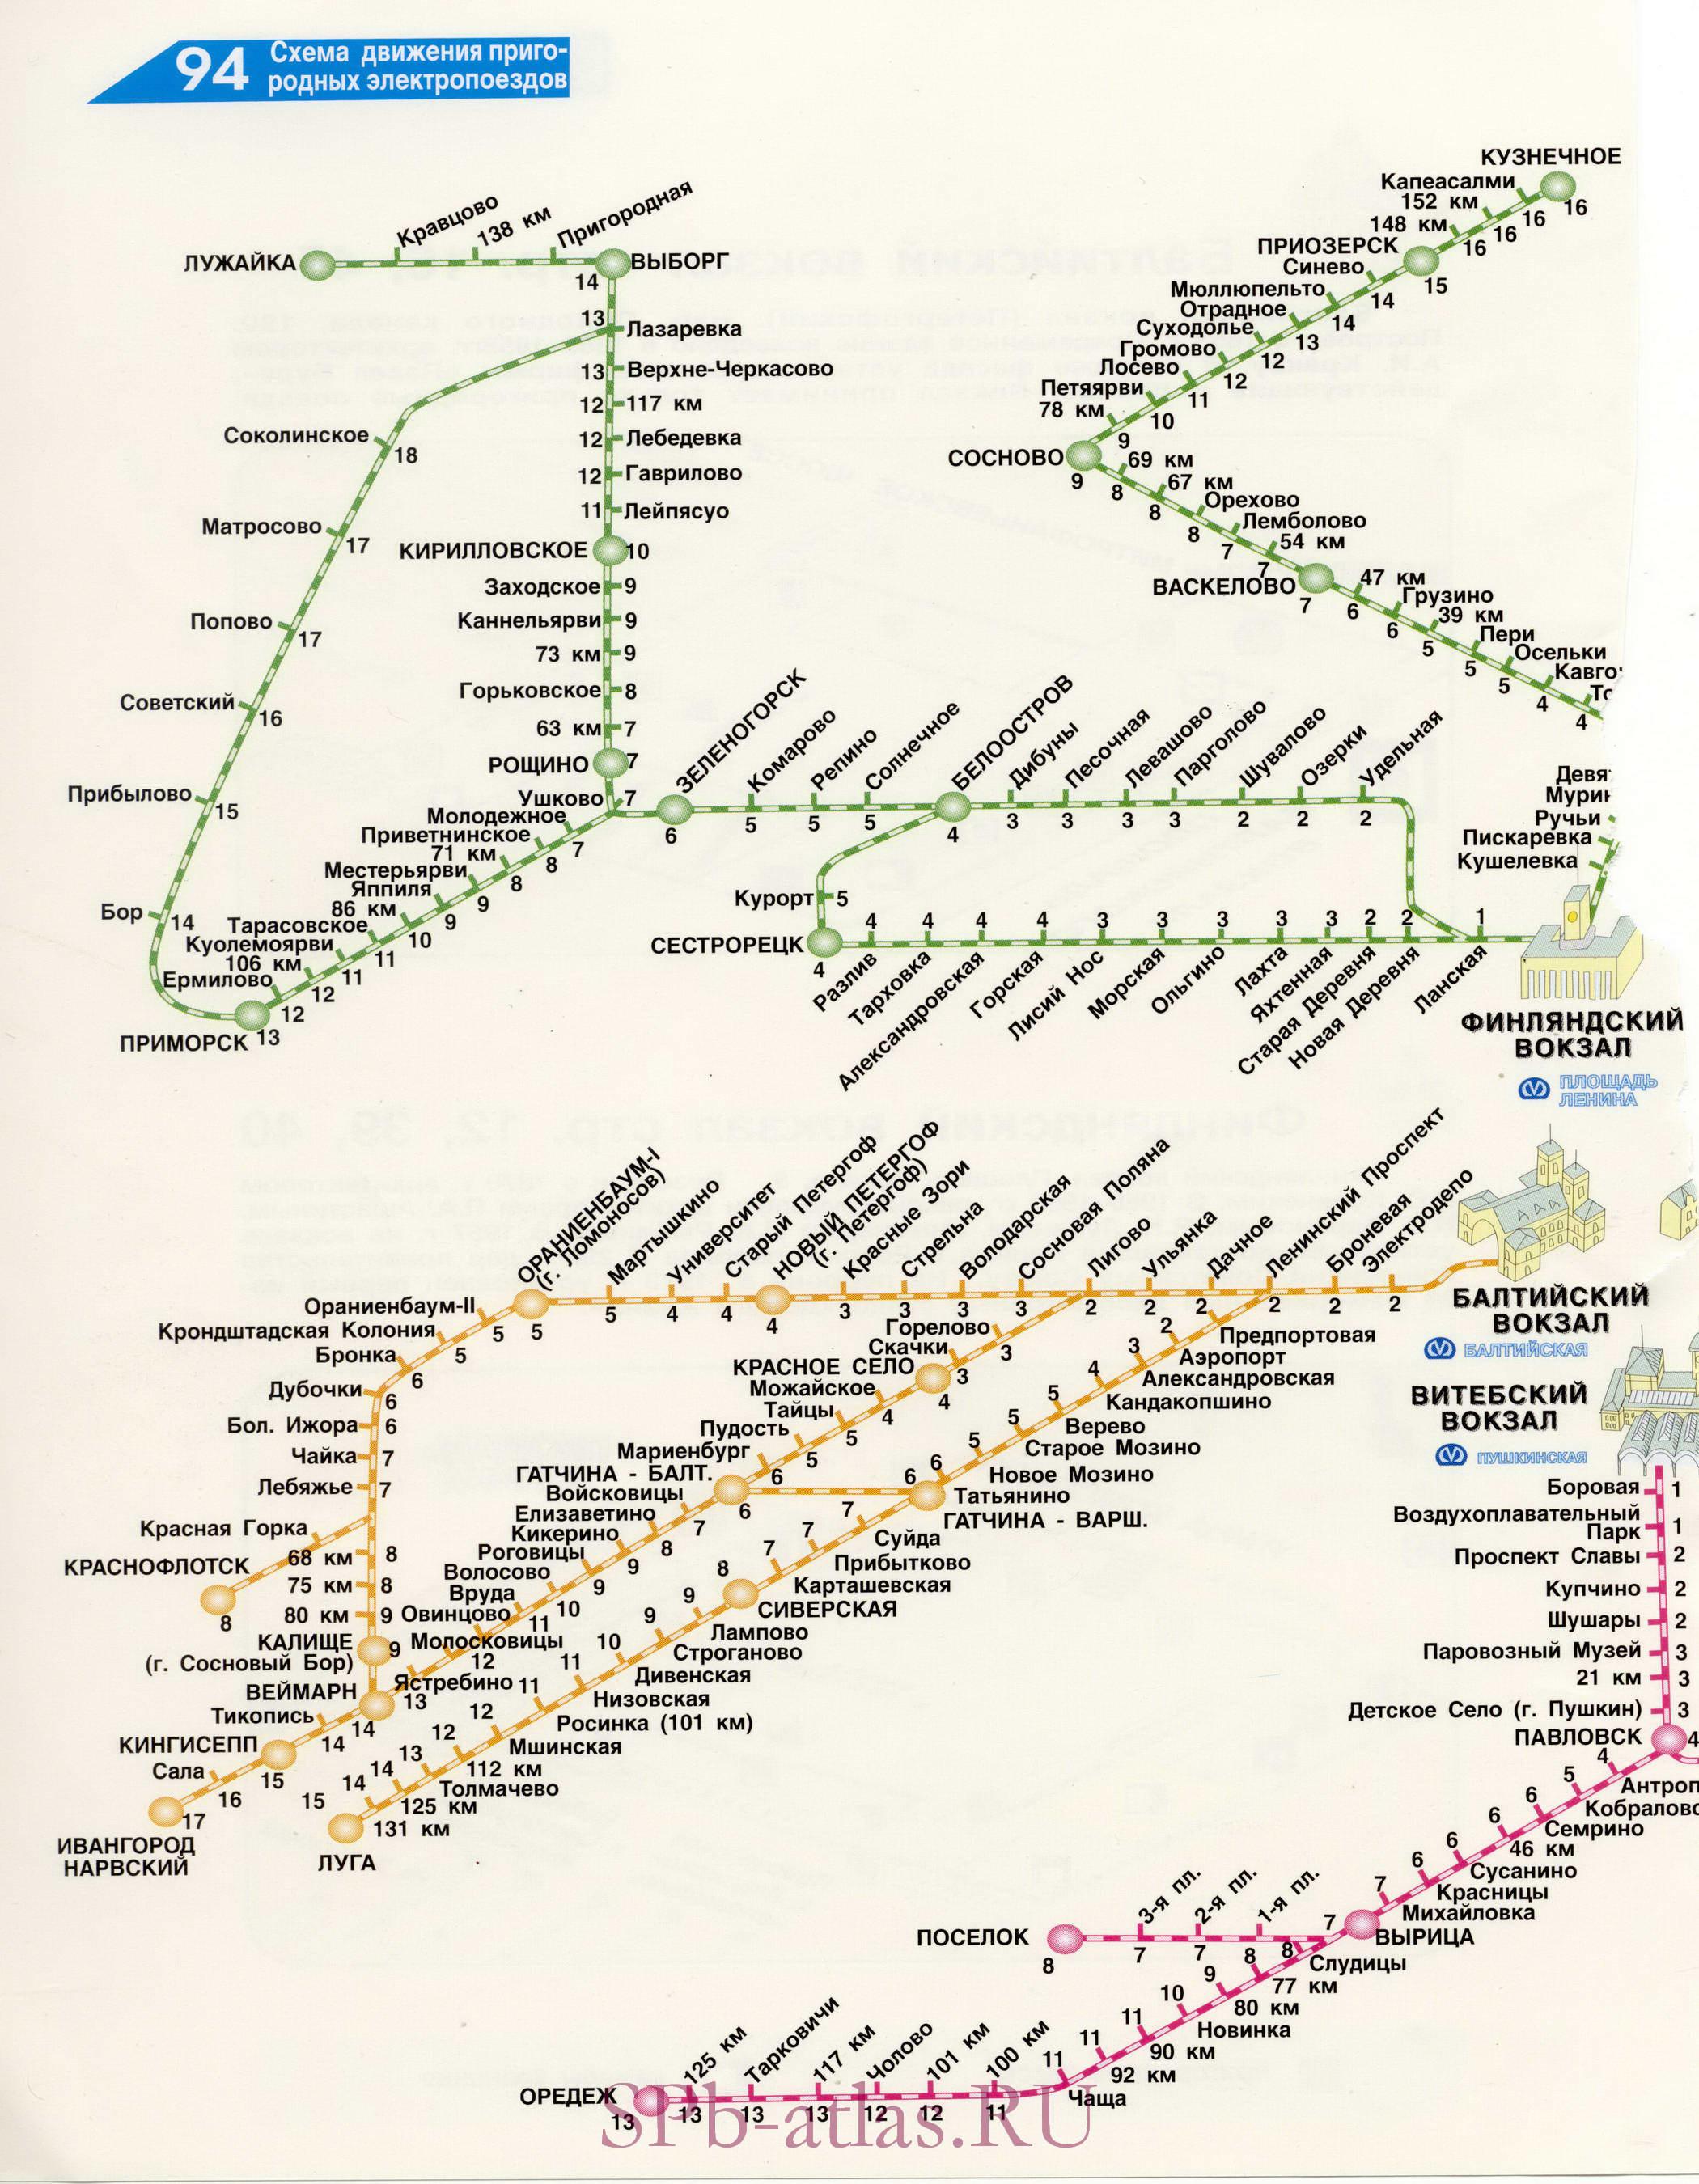 Финляндский вокзал схема движения электропоездов